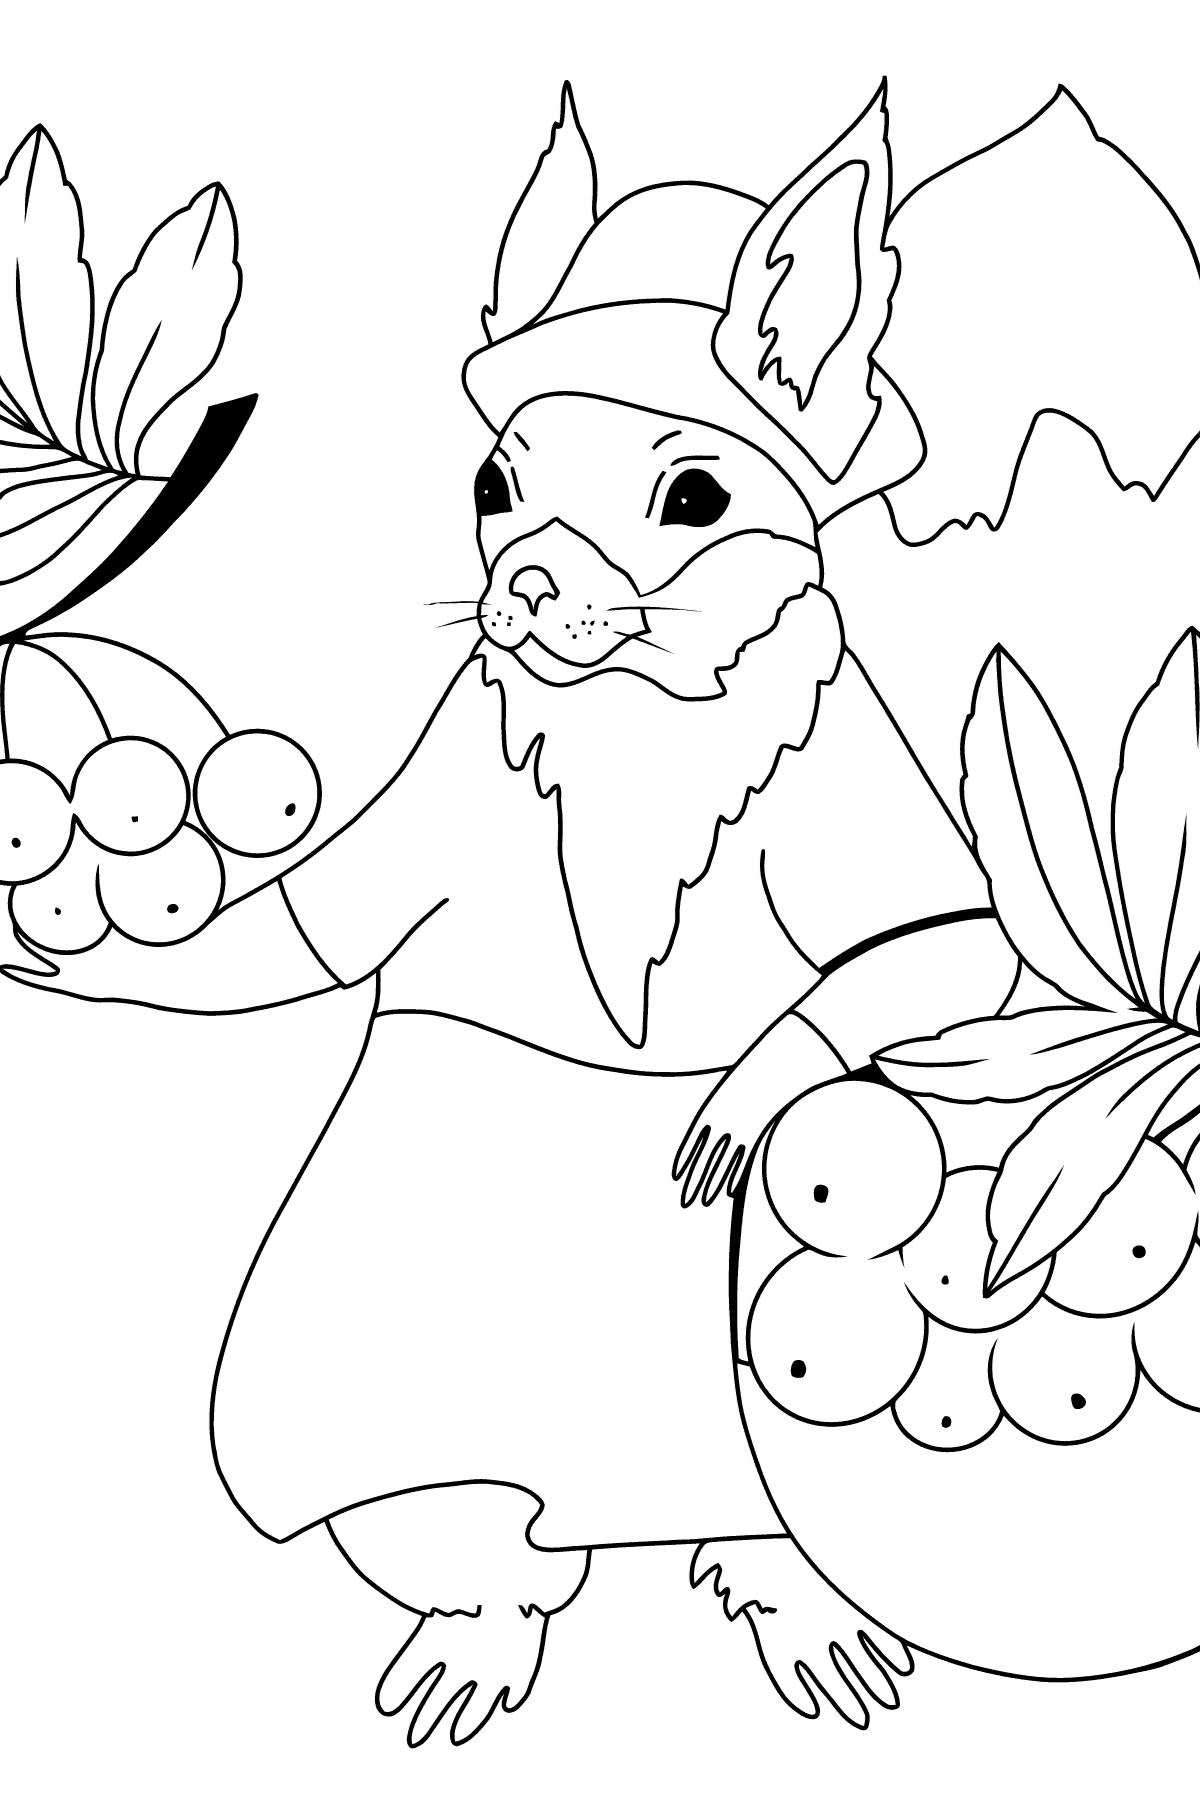 Раскраска осень - белочка с рябиной - Картинки для Детей